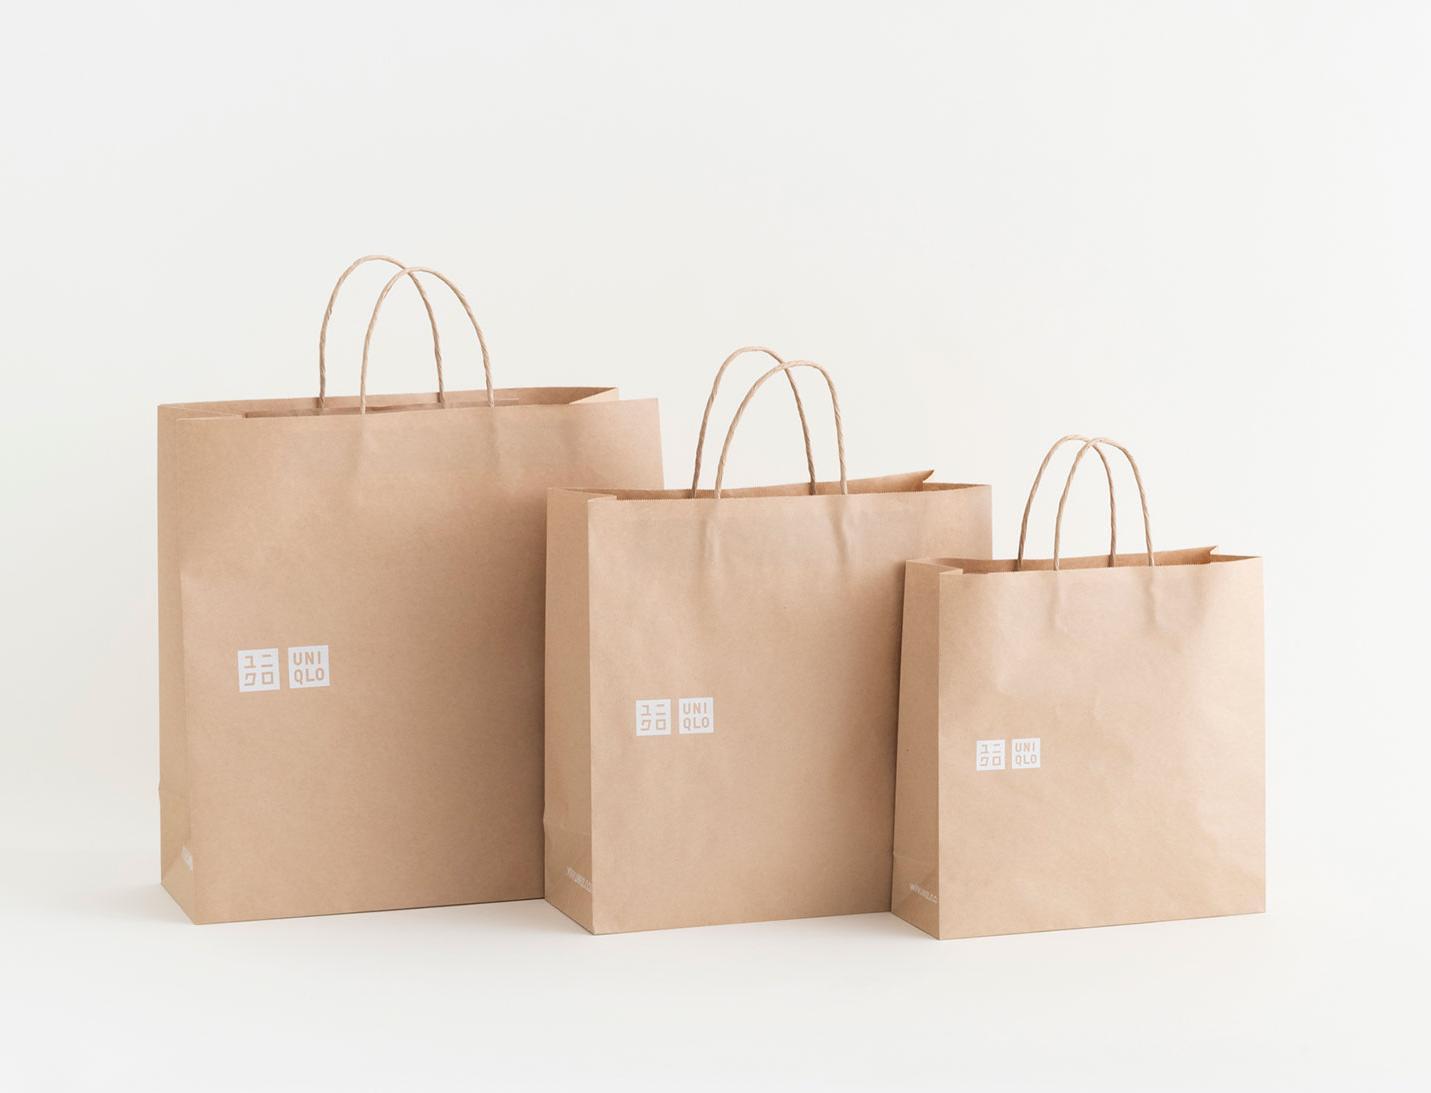 Uniqlo заменит пластиковые пакеты упаковкой из переработанной бумаги